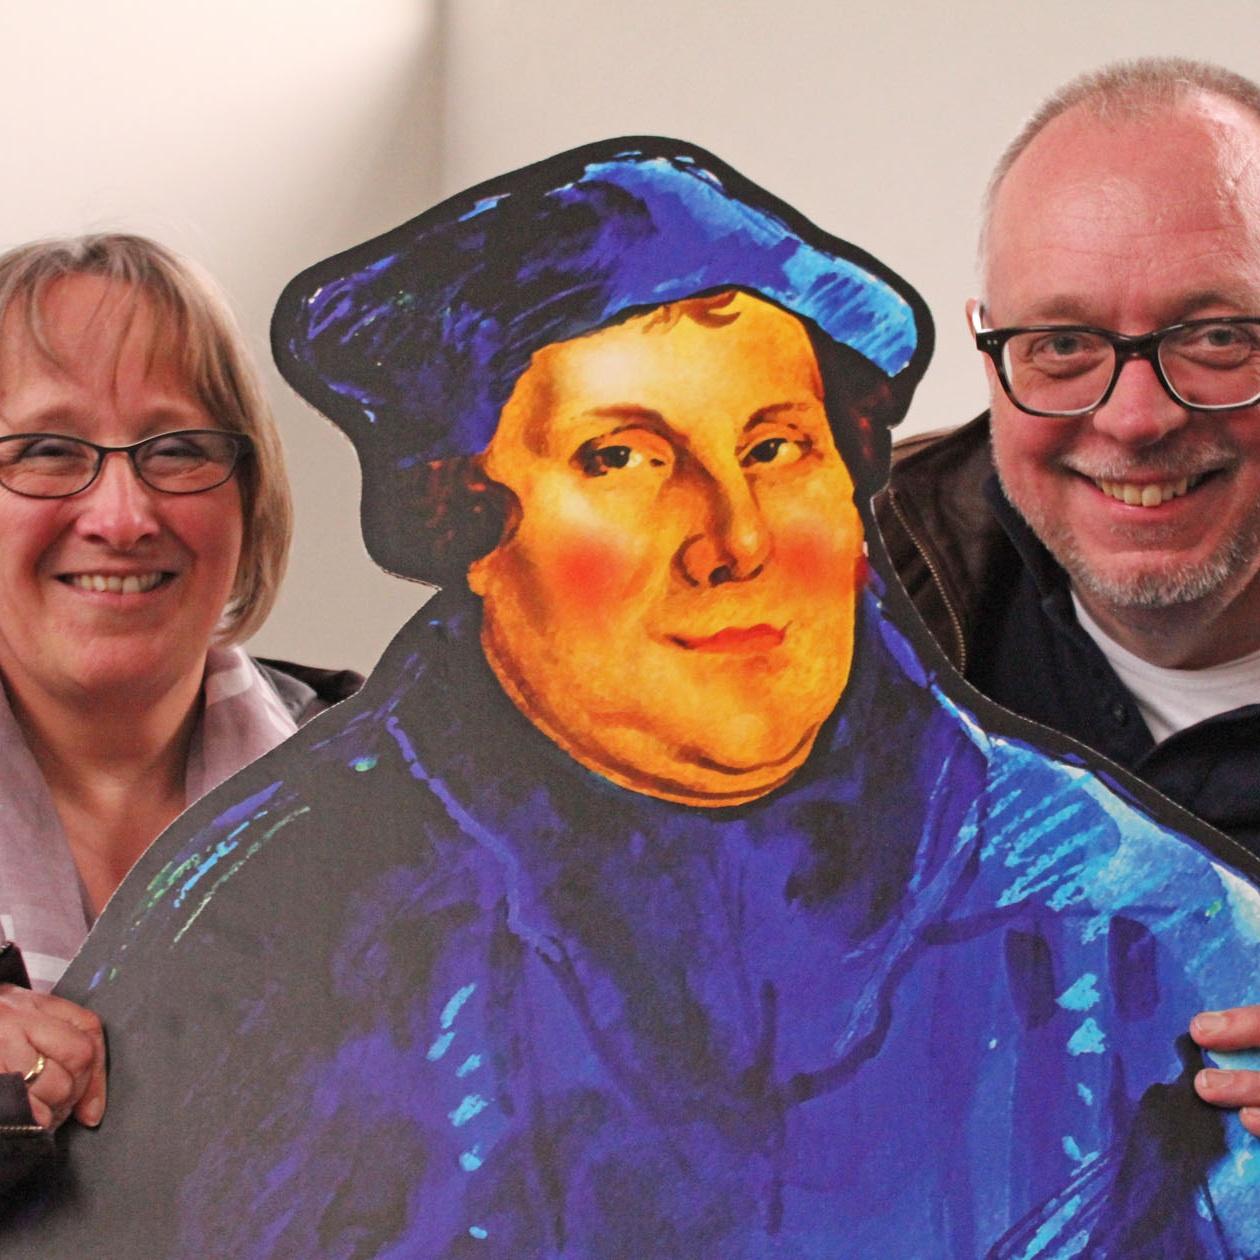 Laiendarsteller bringen Luthers Leben auf die Bühne Luther – Das Musical